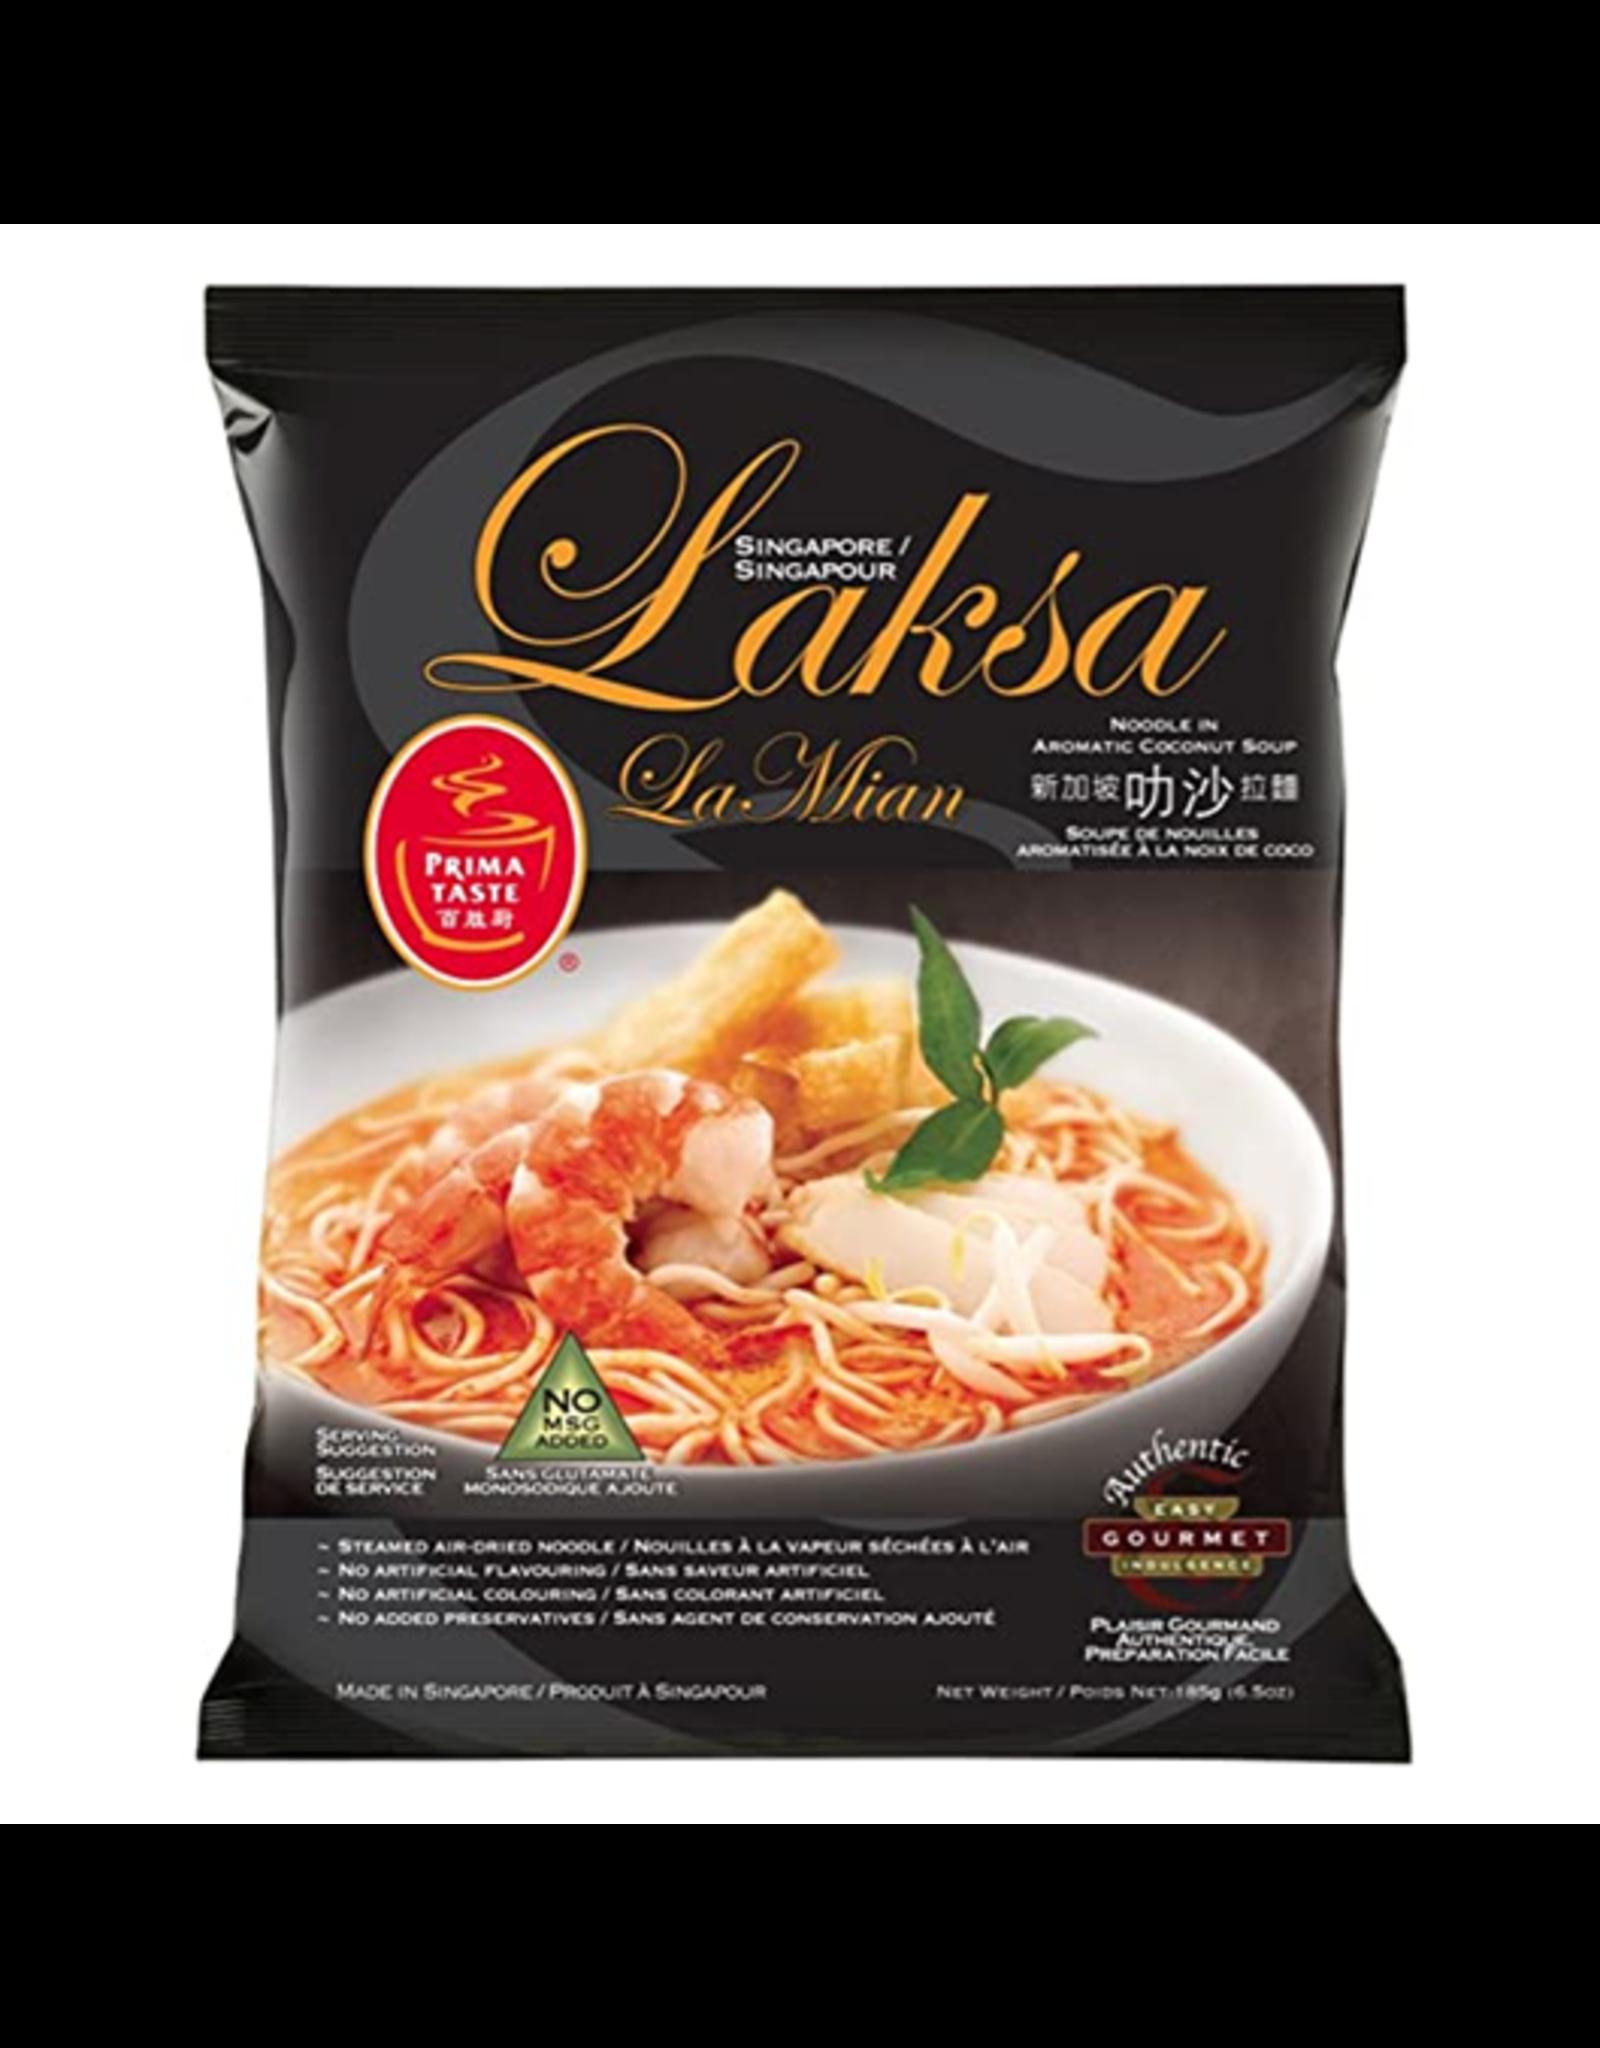 Prima Taste Laksa La Mian